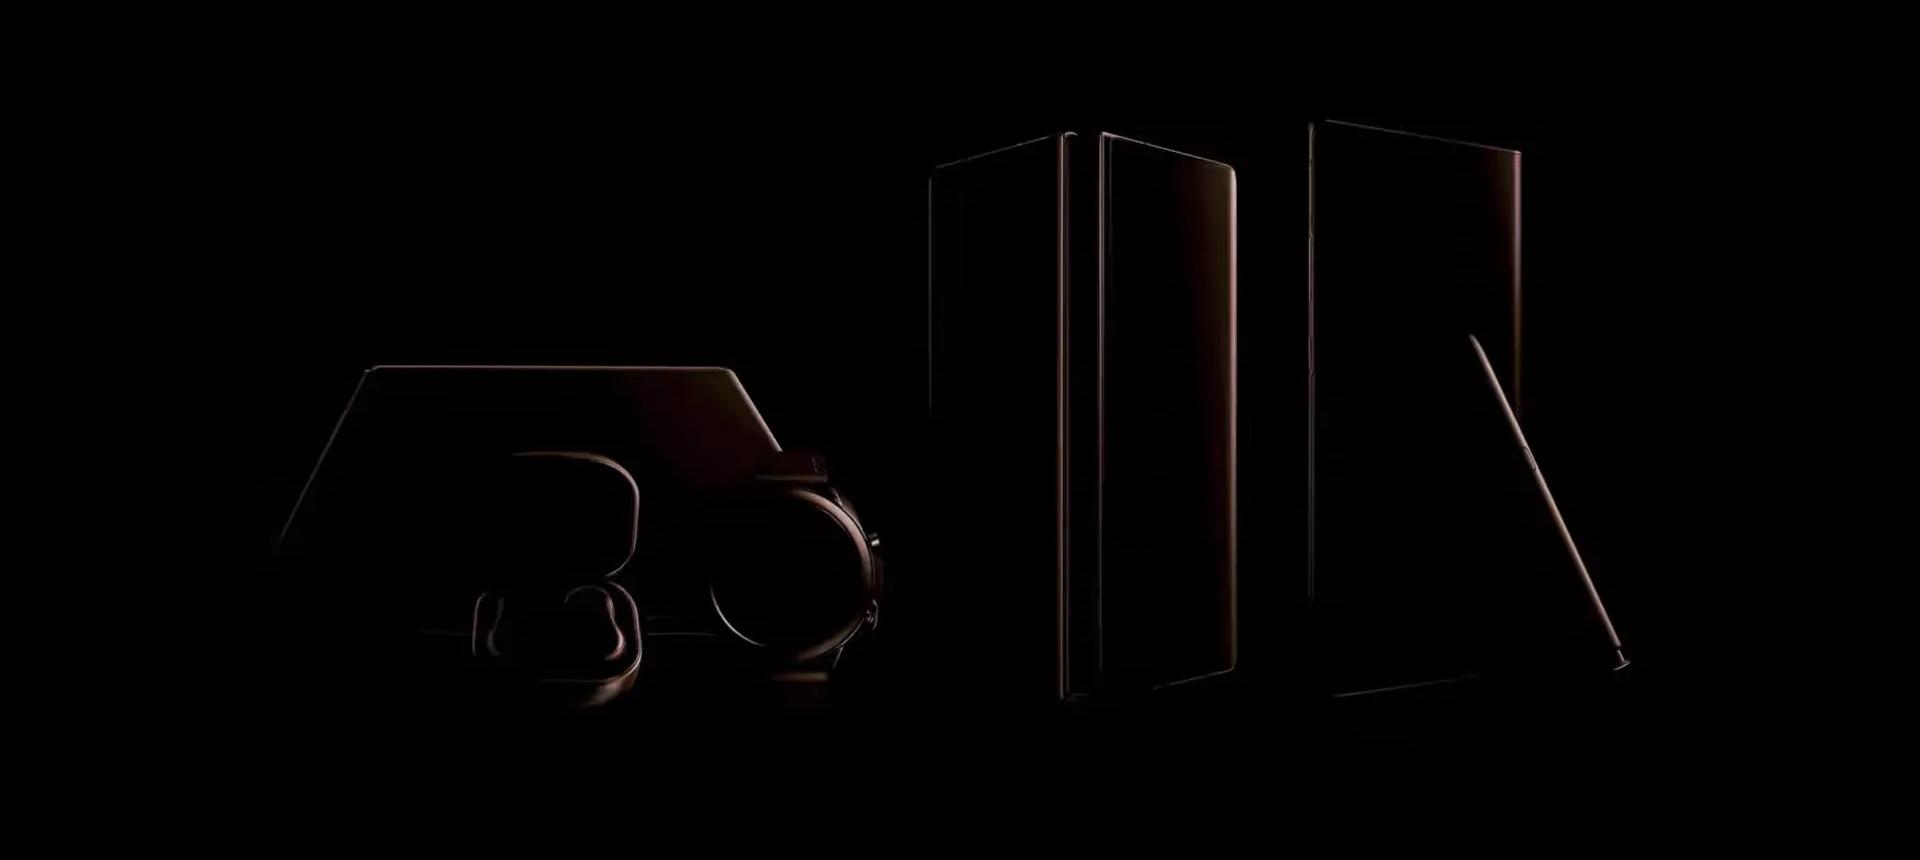 Samsung wypu¶ci³ oficjalny trailer Unpacked, a w nim Galaxy Note 20 Ultra i Z Fold 2